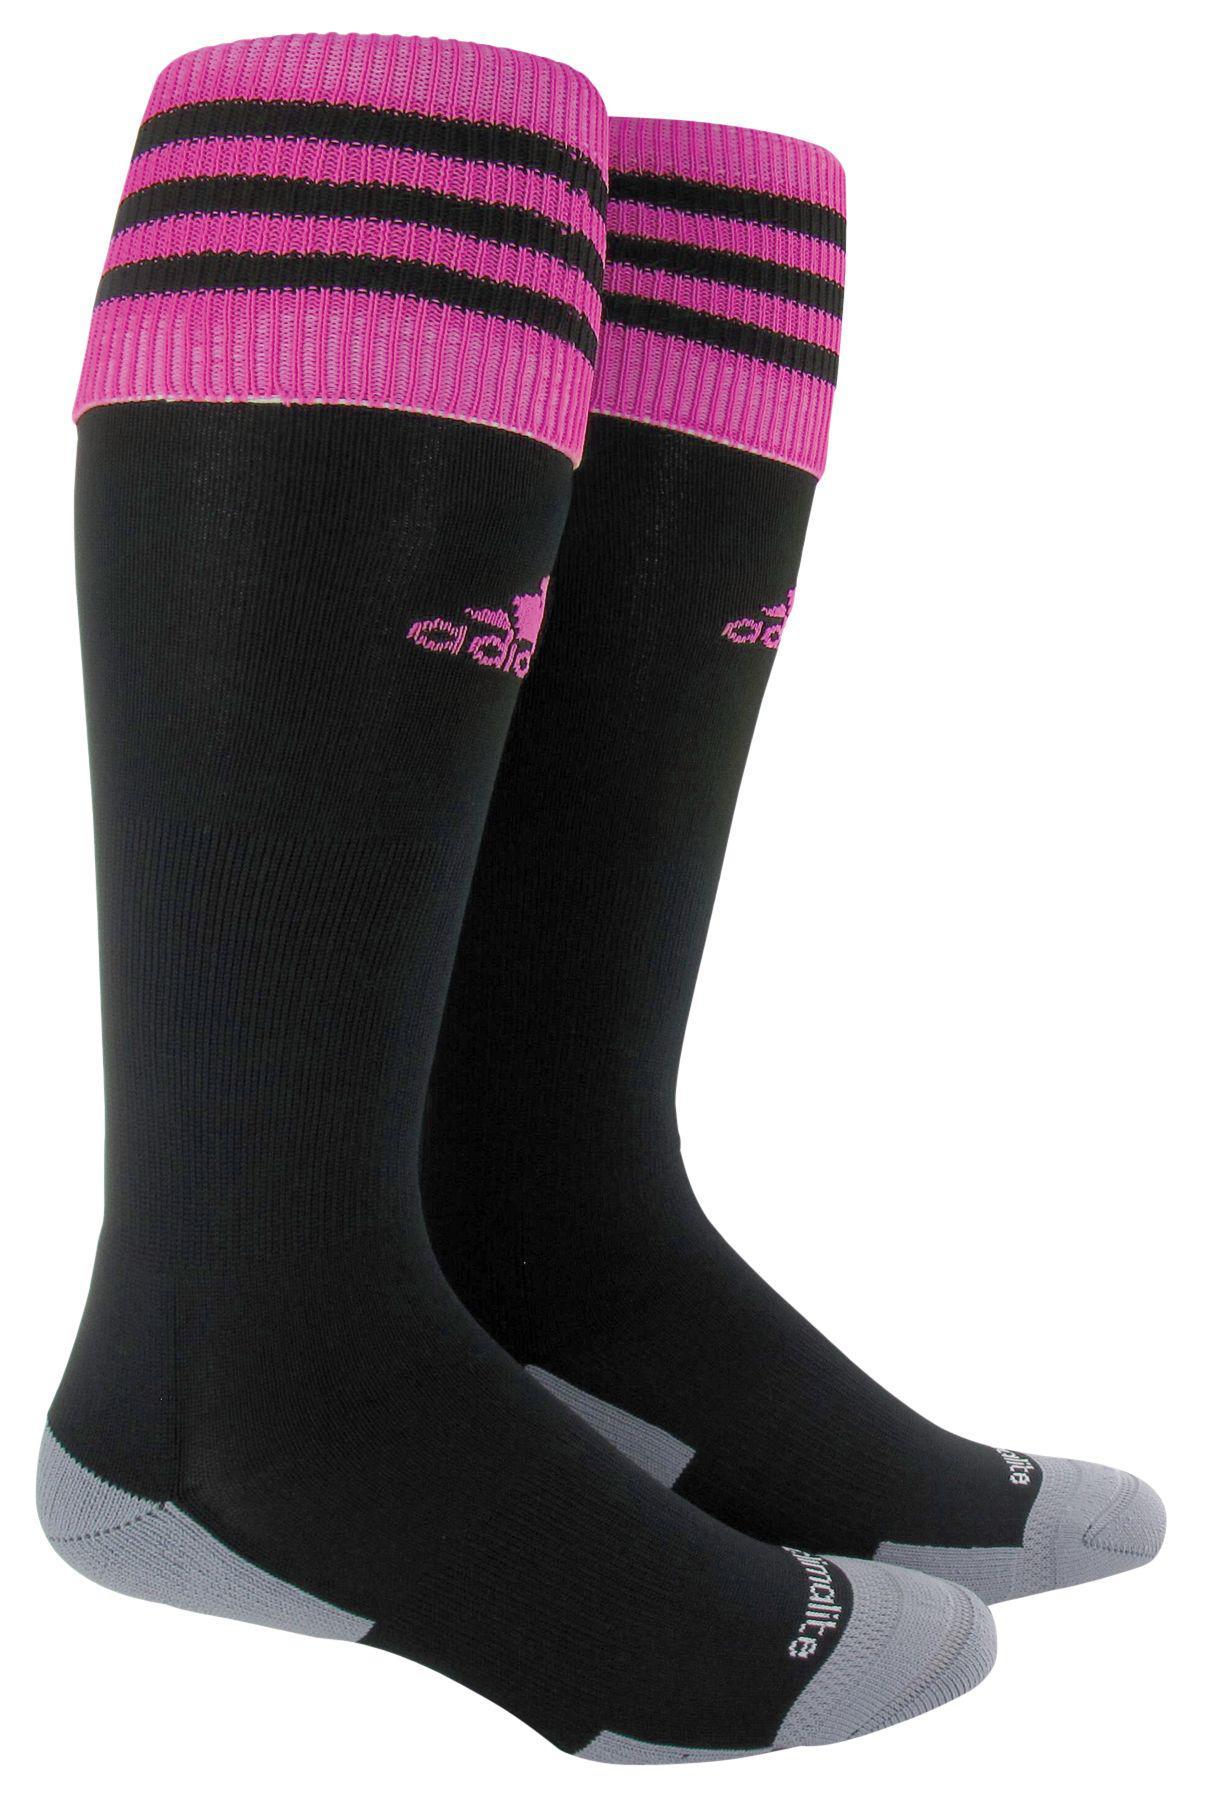 5cdb4dbc3339 Lyst - adidas Copa Zone Cushion Ii Soccer Socks in Black for Men